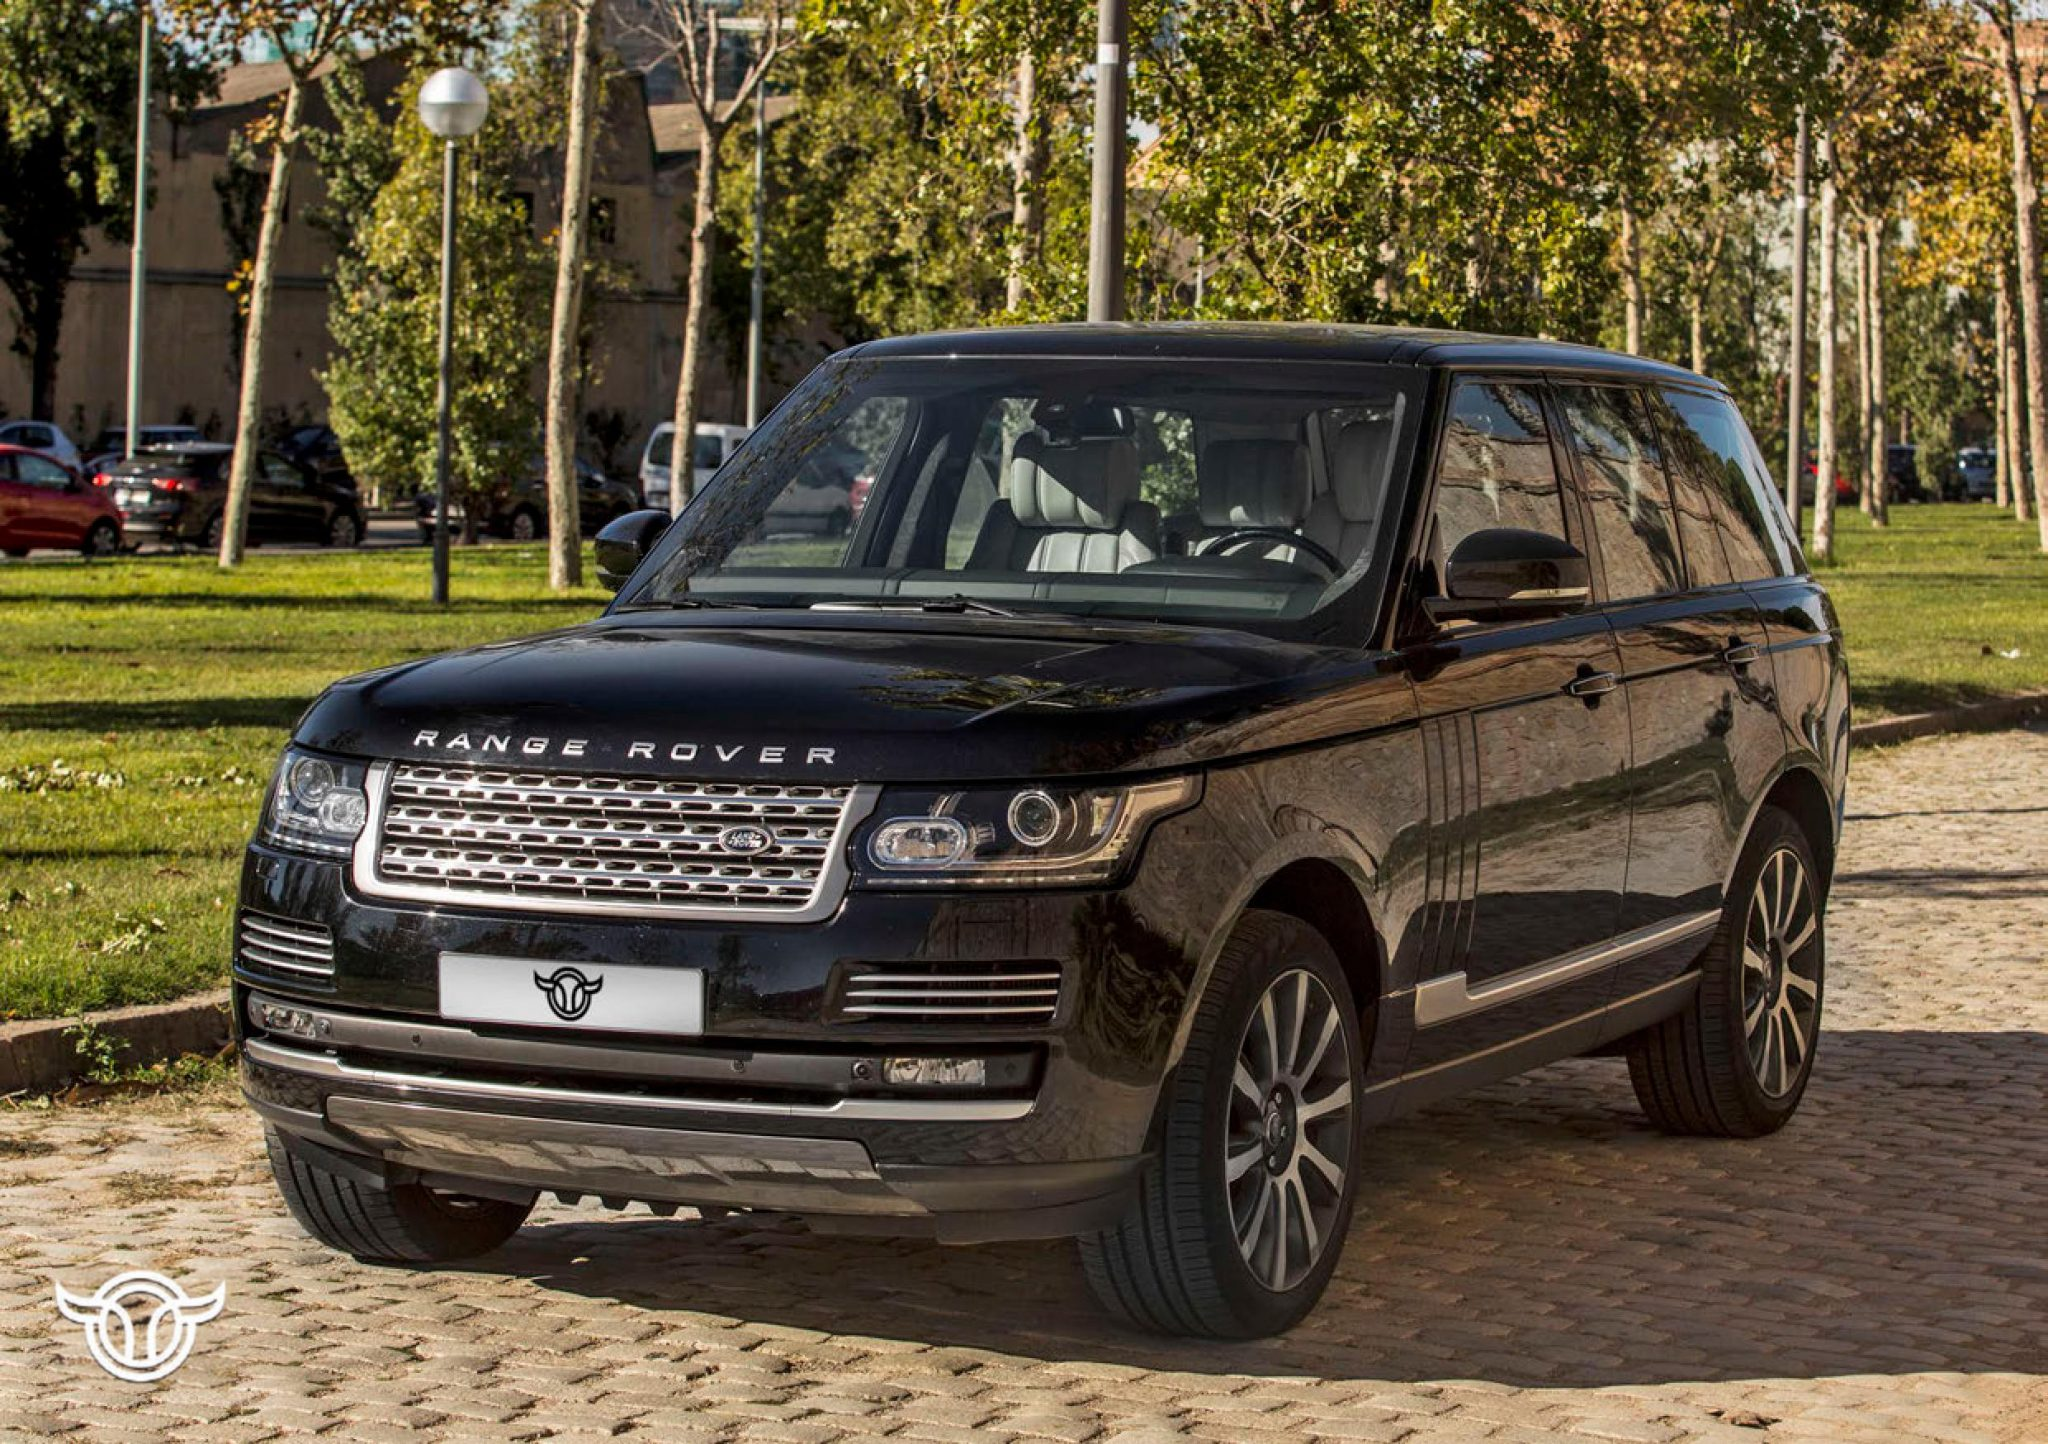 Range Rover Supercharged alquiler coches de lujo madrid marbella ibiza barcelona valencia